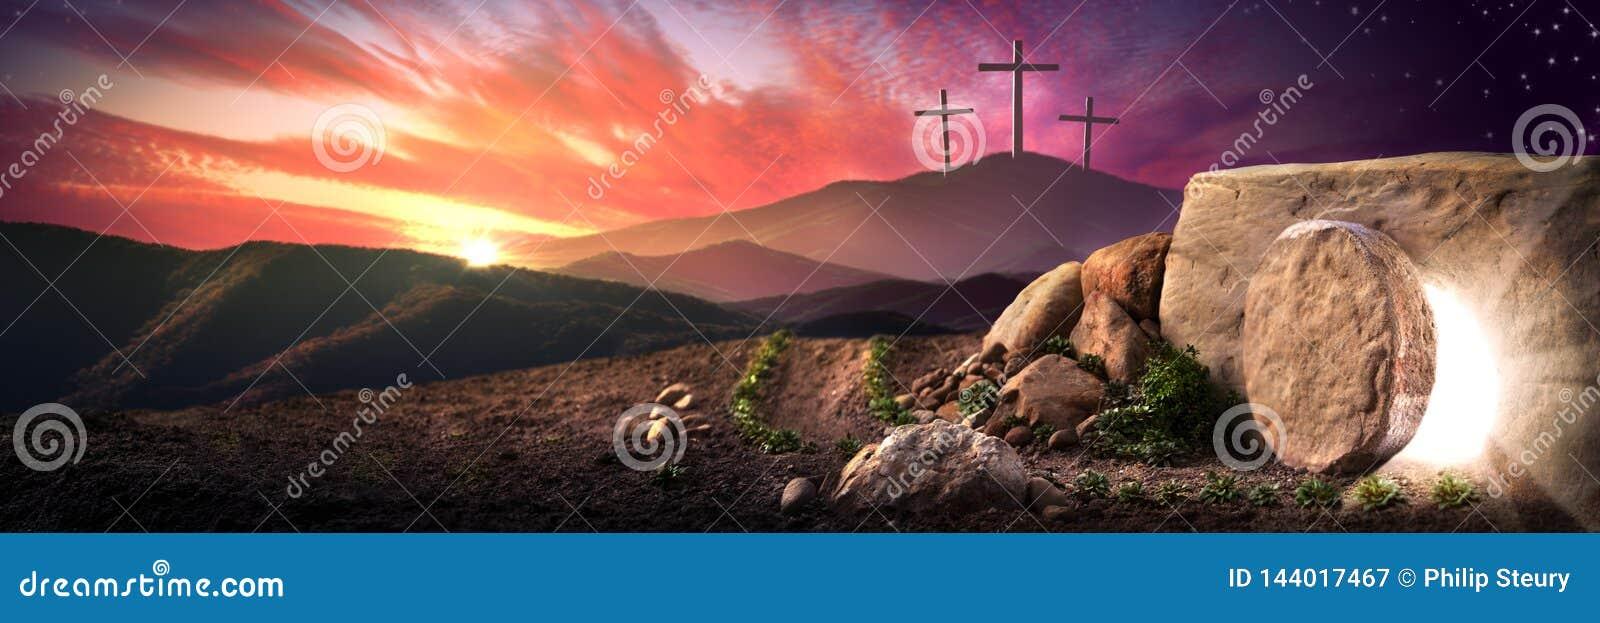 День воскресения